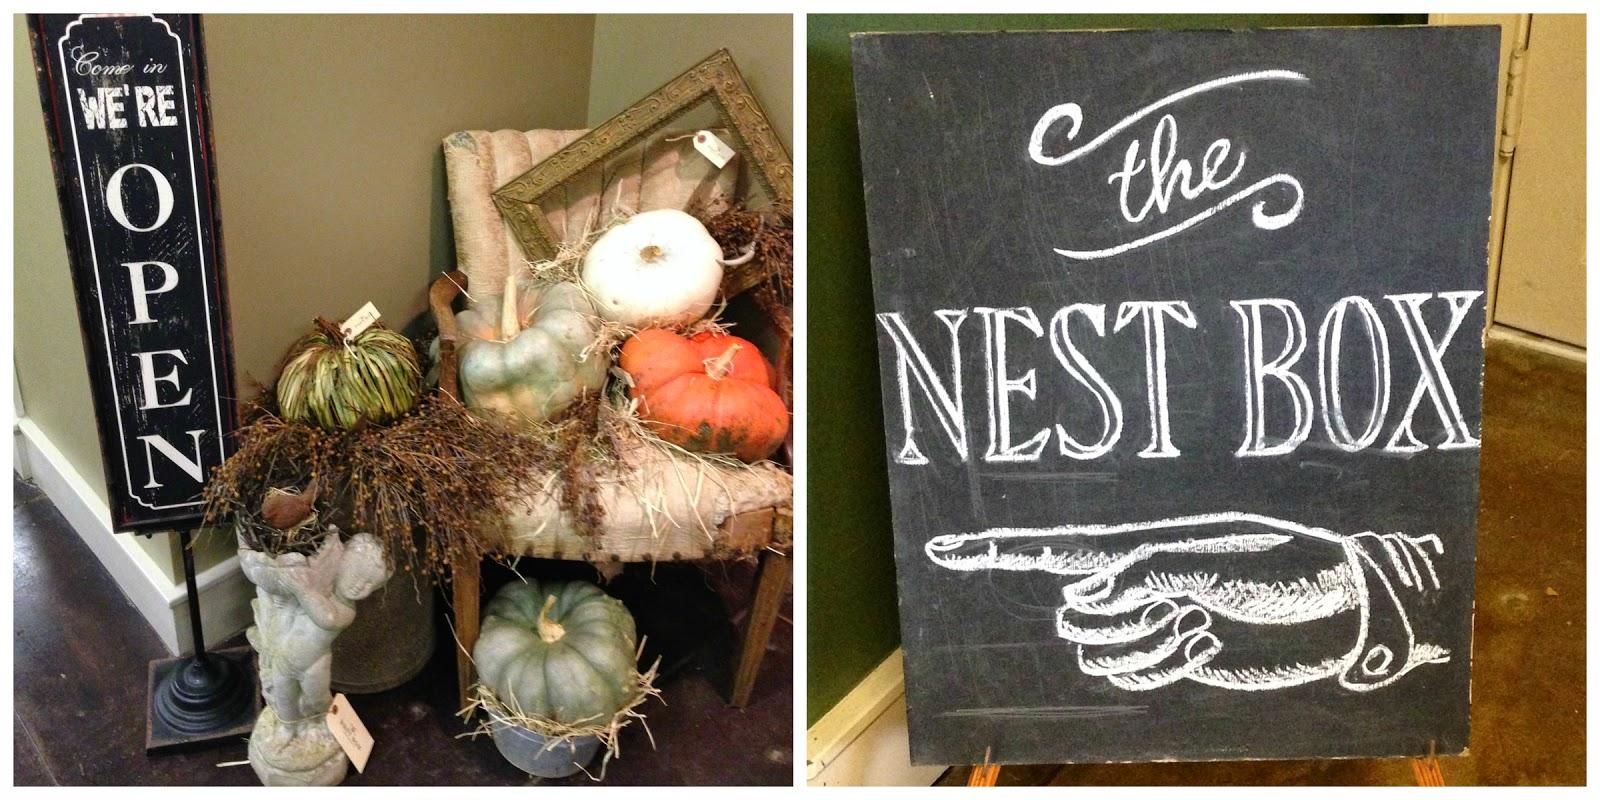 The Nest Box Taylor TX Shop Taylor TX